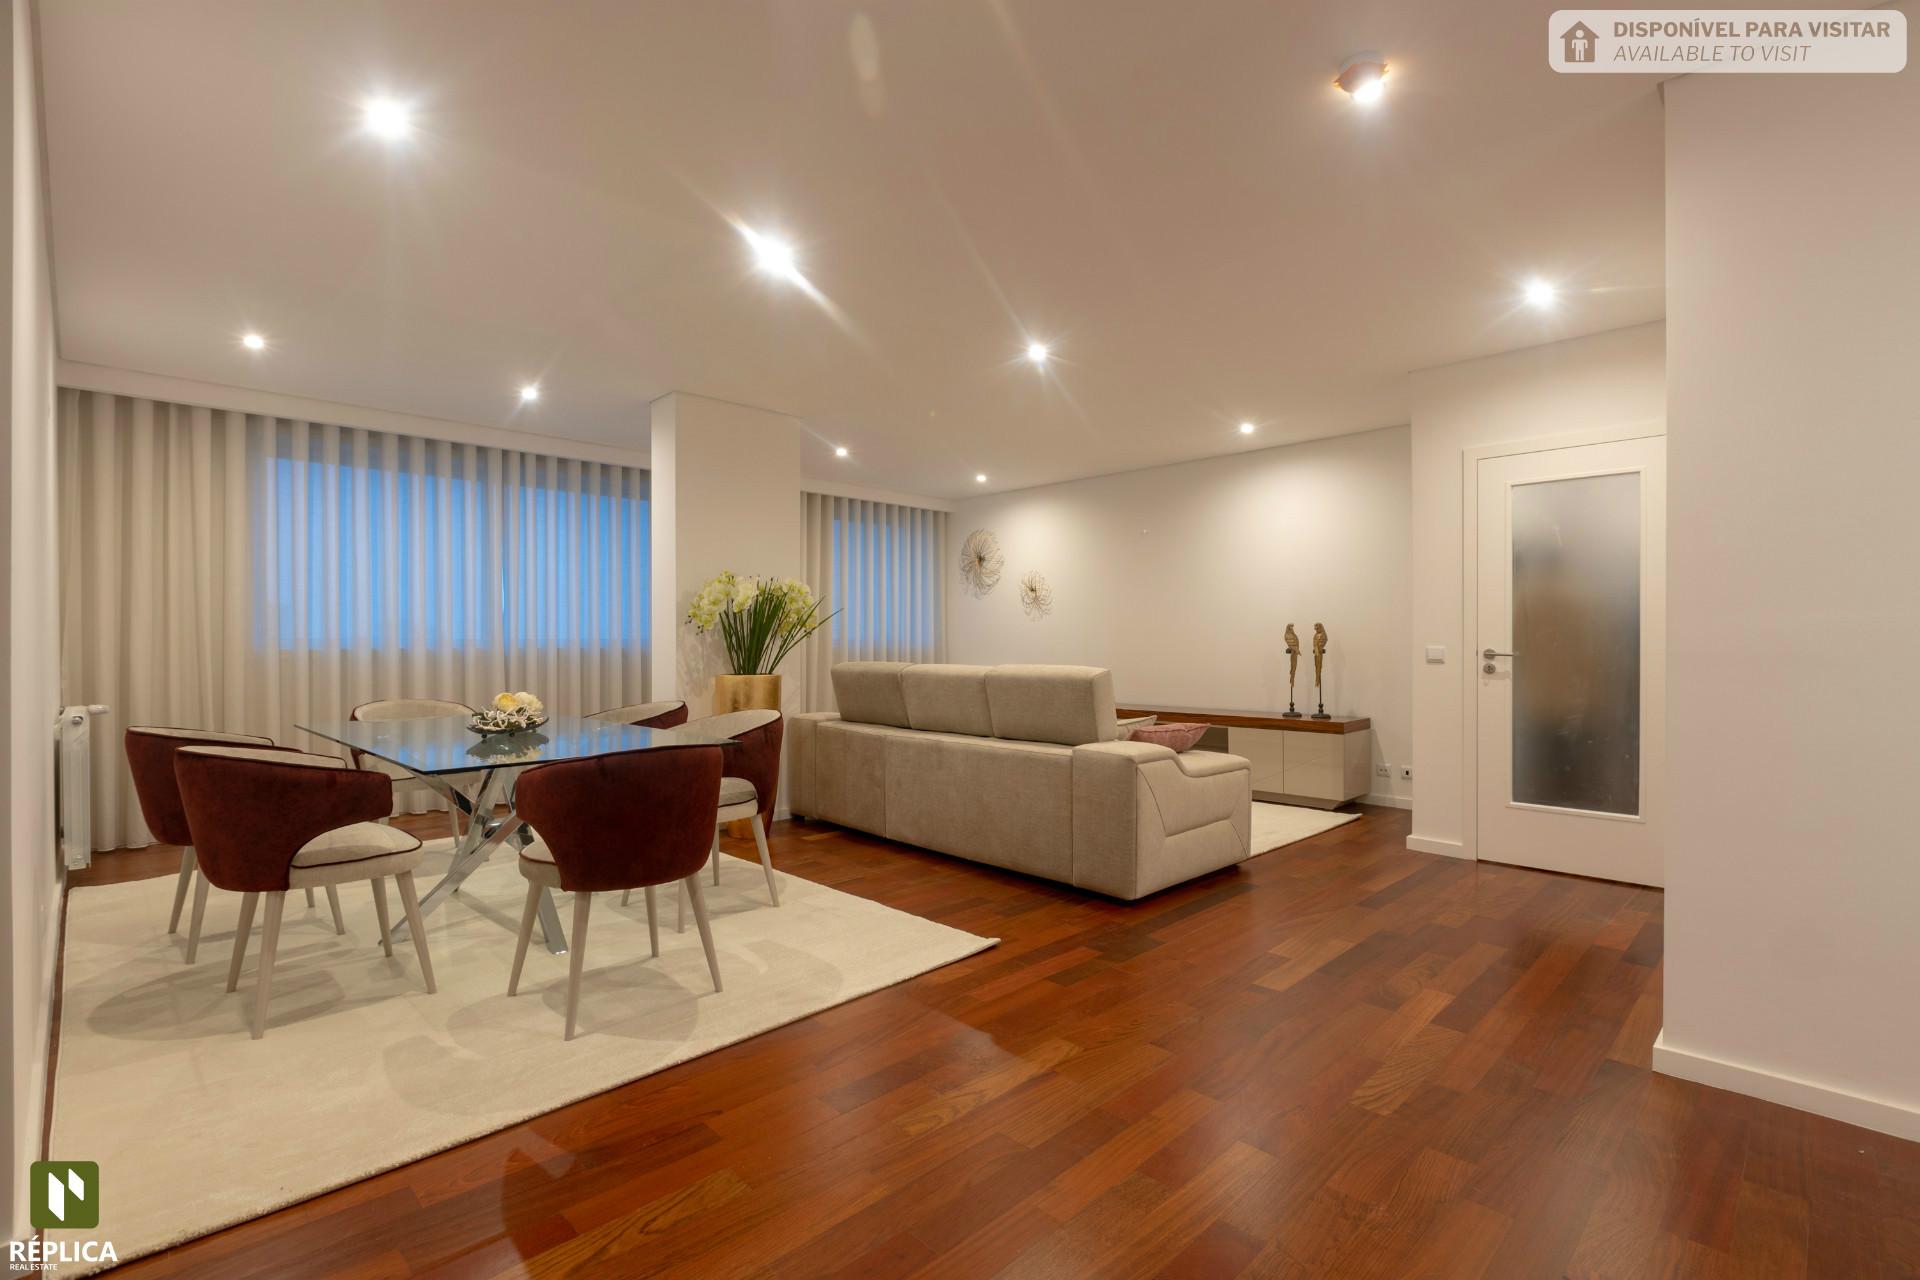 Apartamento T3 Novo na zona do Bessa, Boavista